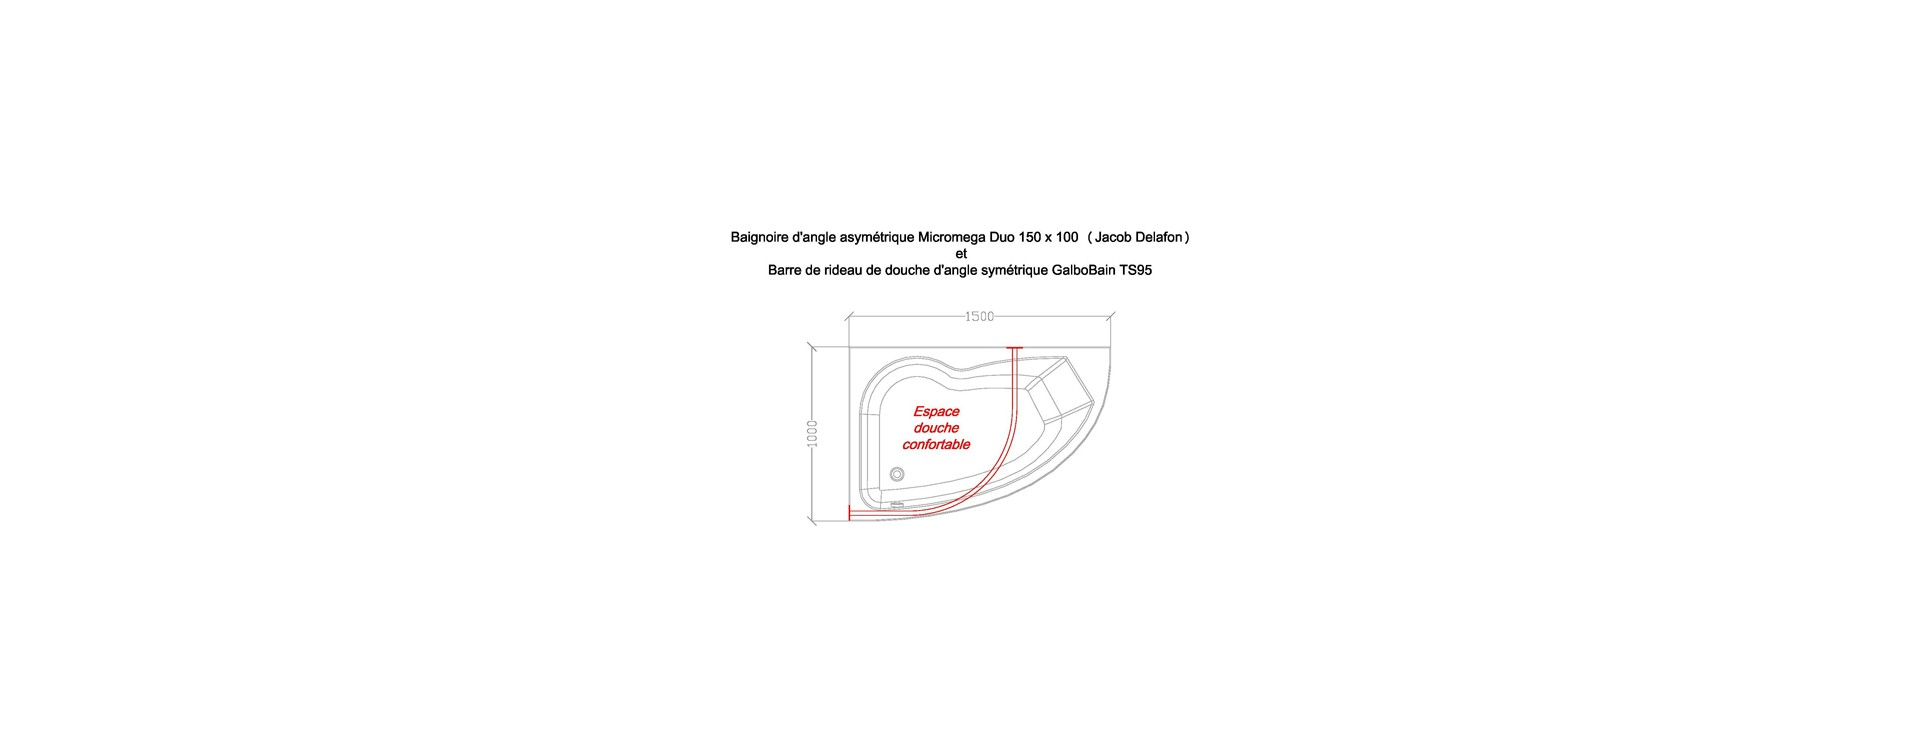 baignoire asym trique micromega duo de jacob delafon et cabine de douche d 39 angle sym trique. Black Bedroom Furniture Sets. Home Design Ideas